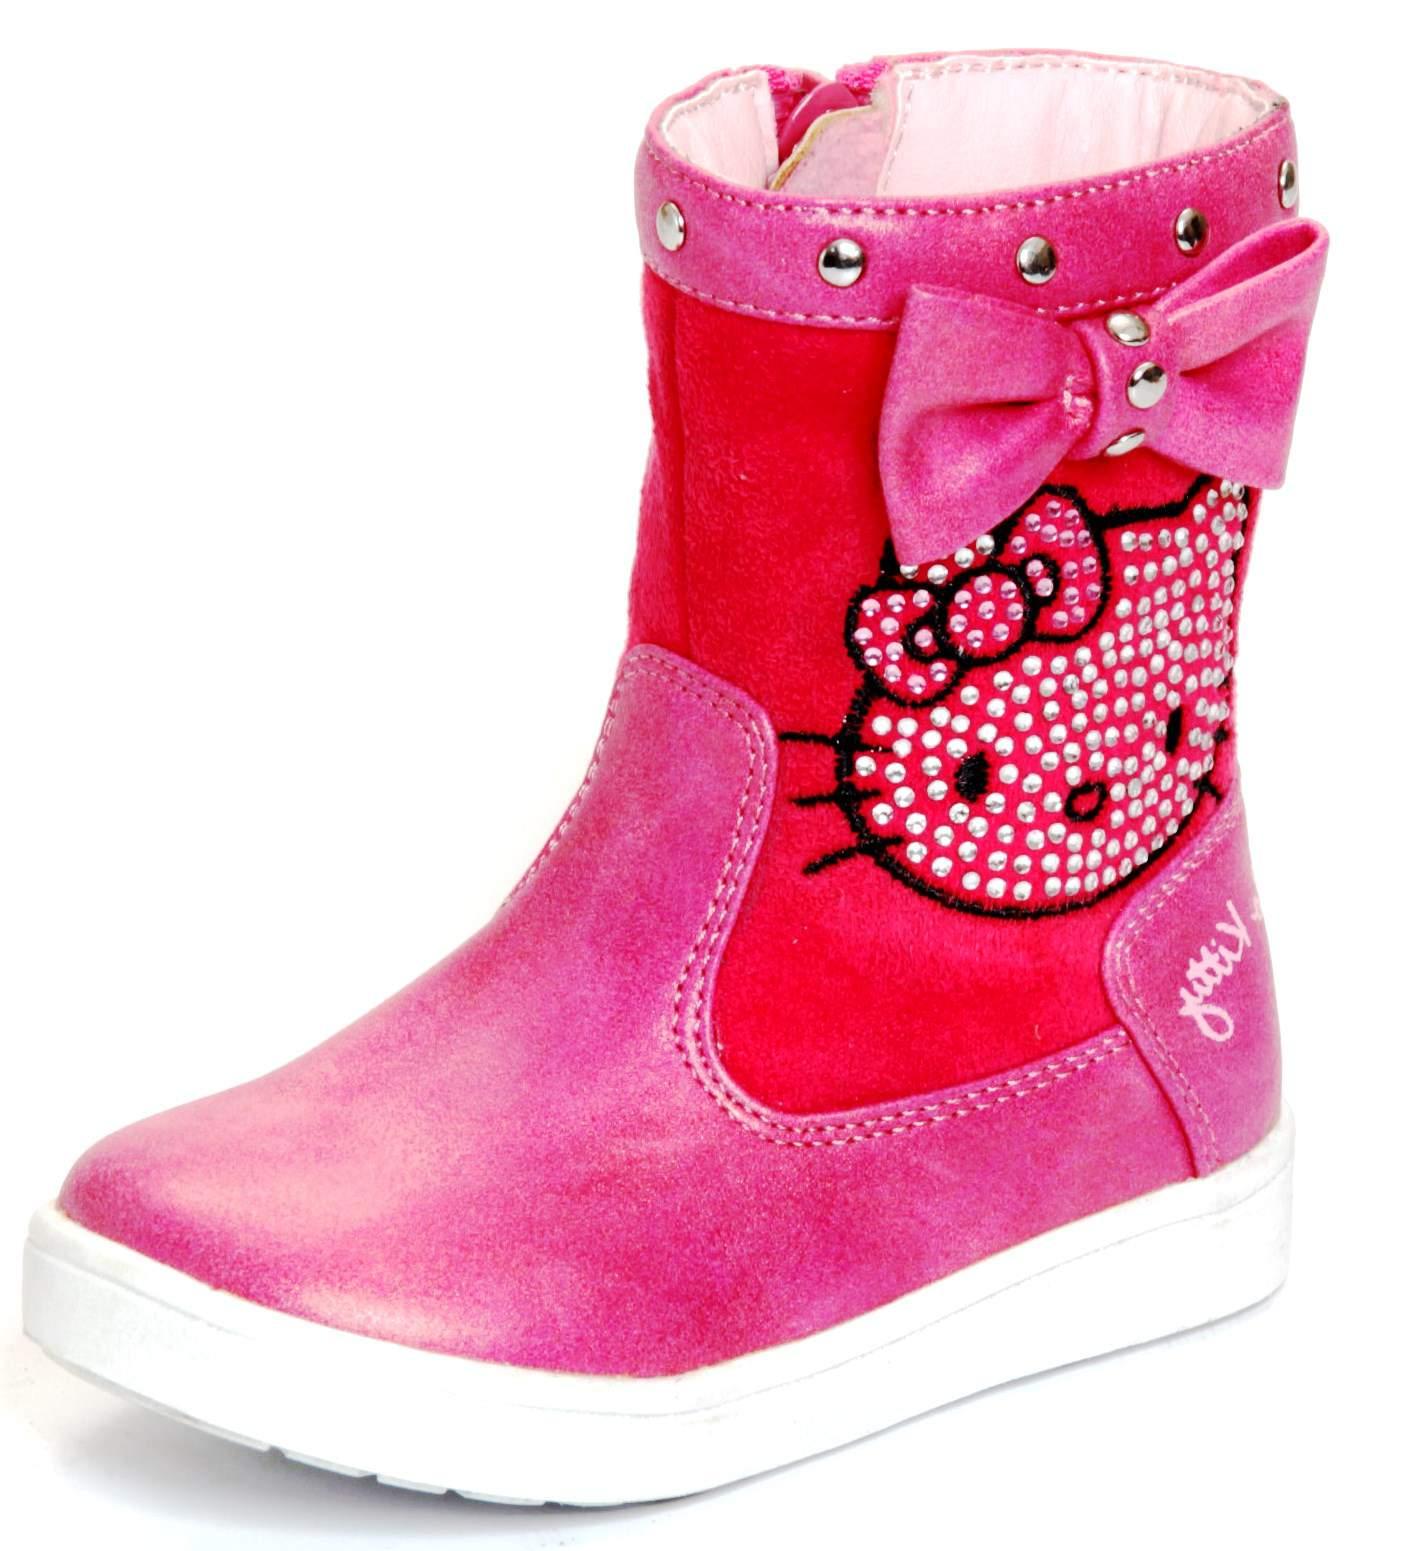 """פפיון ורוד. עור סגלגל וזמש אדום. """"הלו קיטי"""" בעיצוב ניטים. נעלי גלי. כ-220 שקלים. צילום: מנחם עוז"""